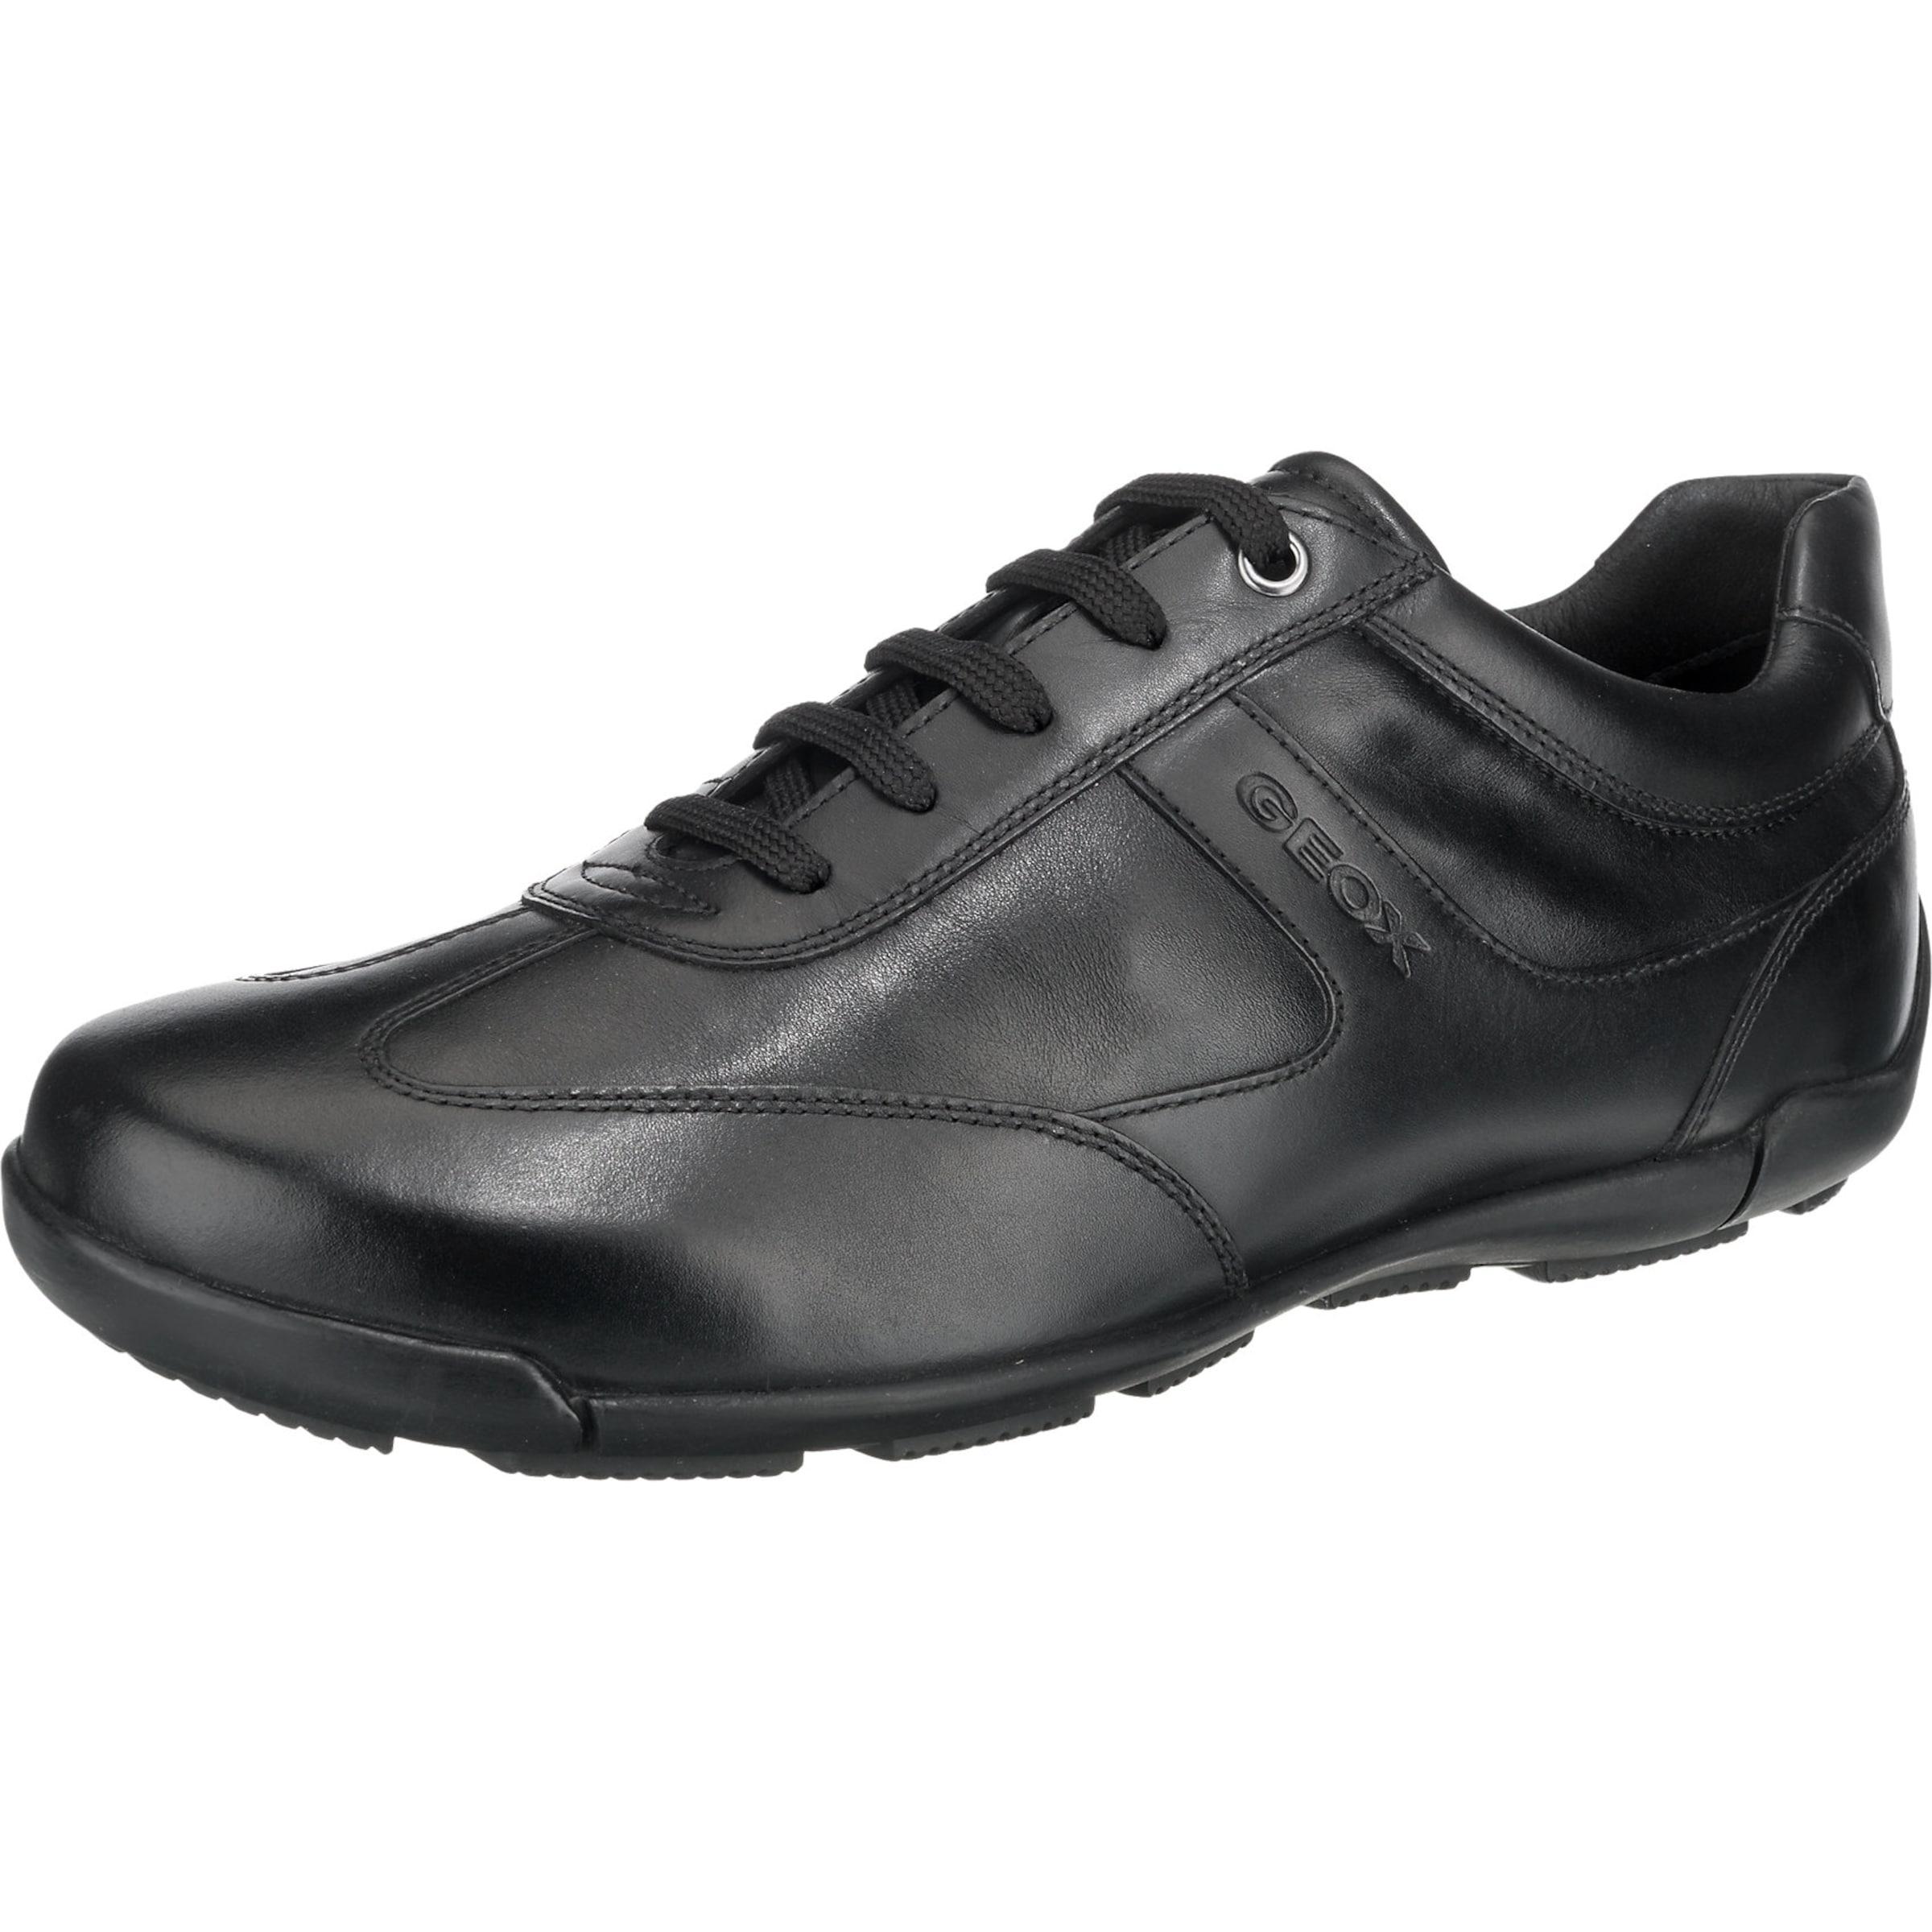 GEOX Edgware Schnürschuhe Verschleißfeste billige Schuhe